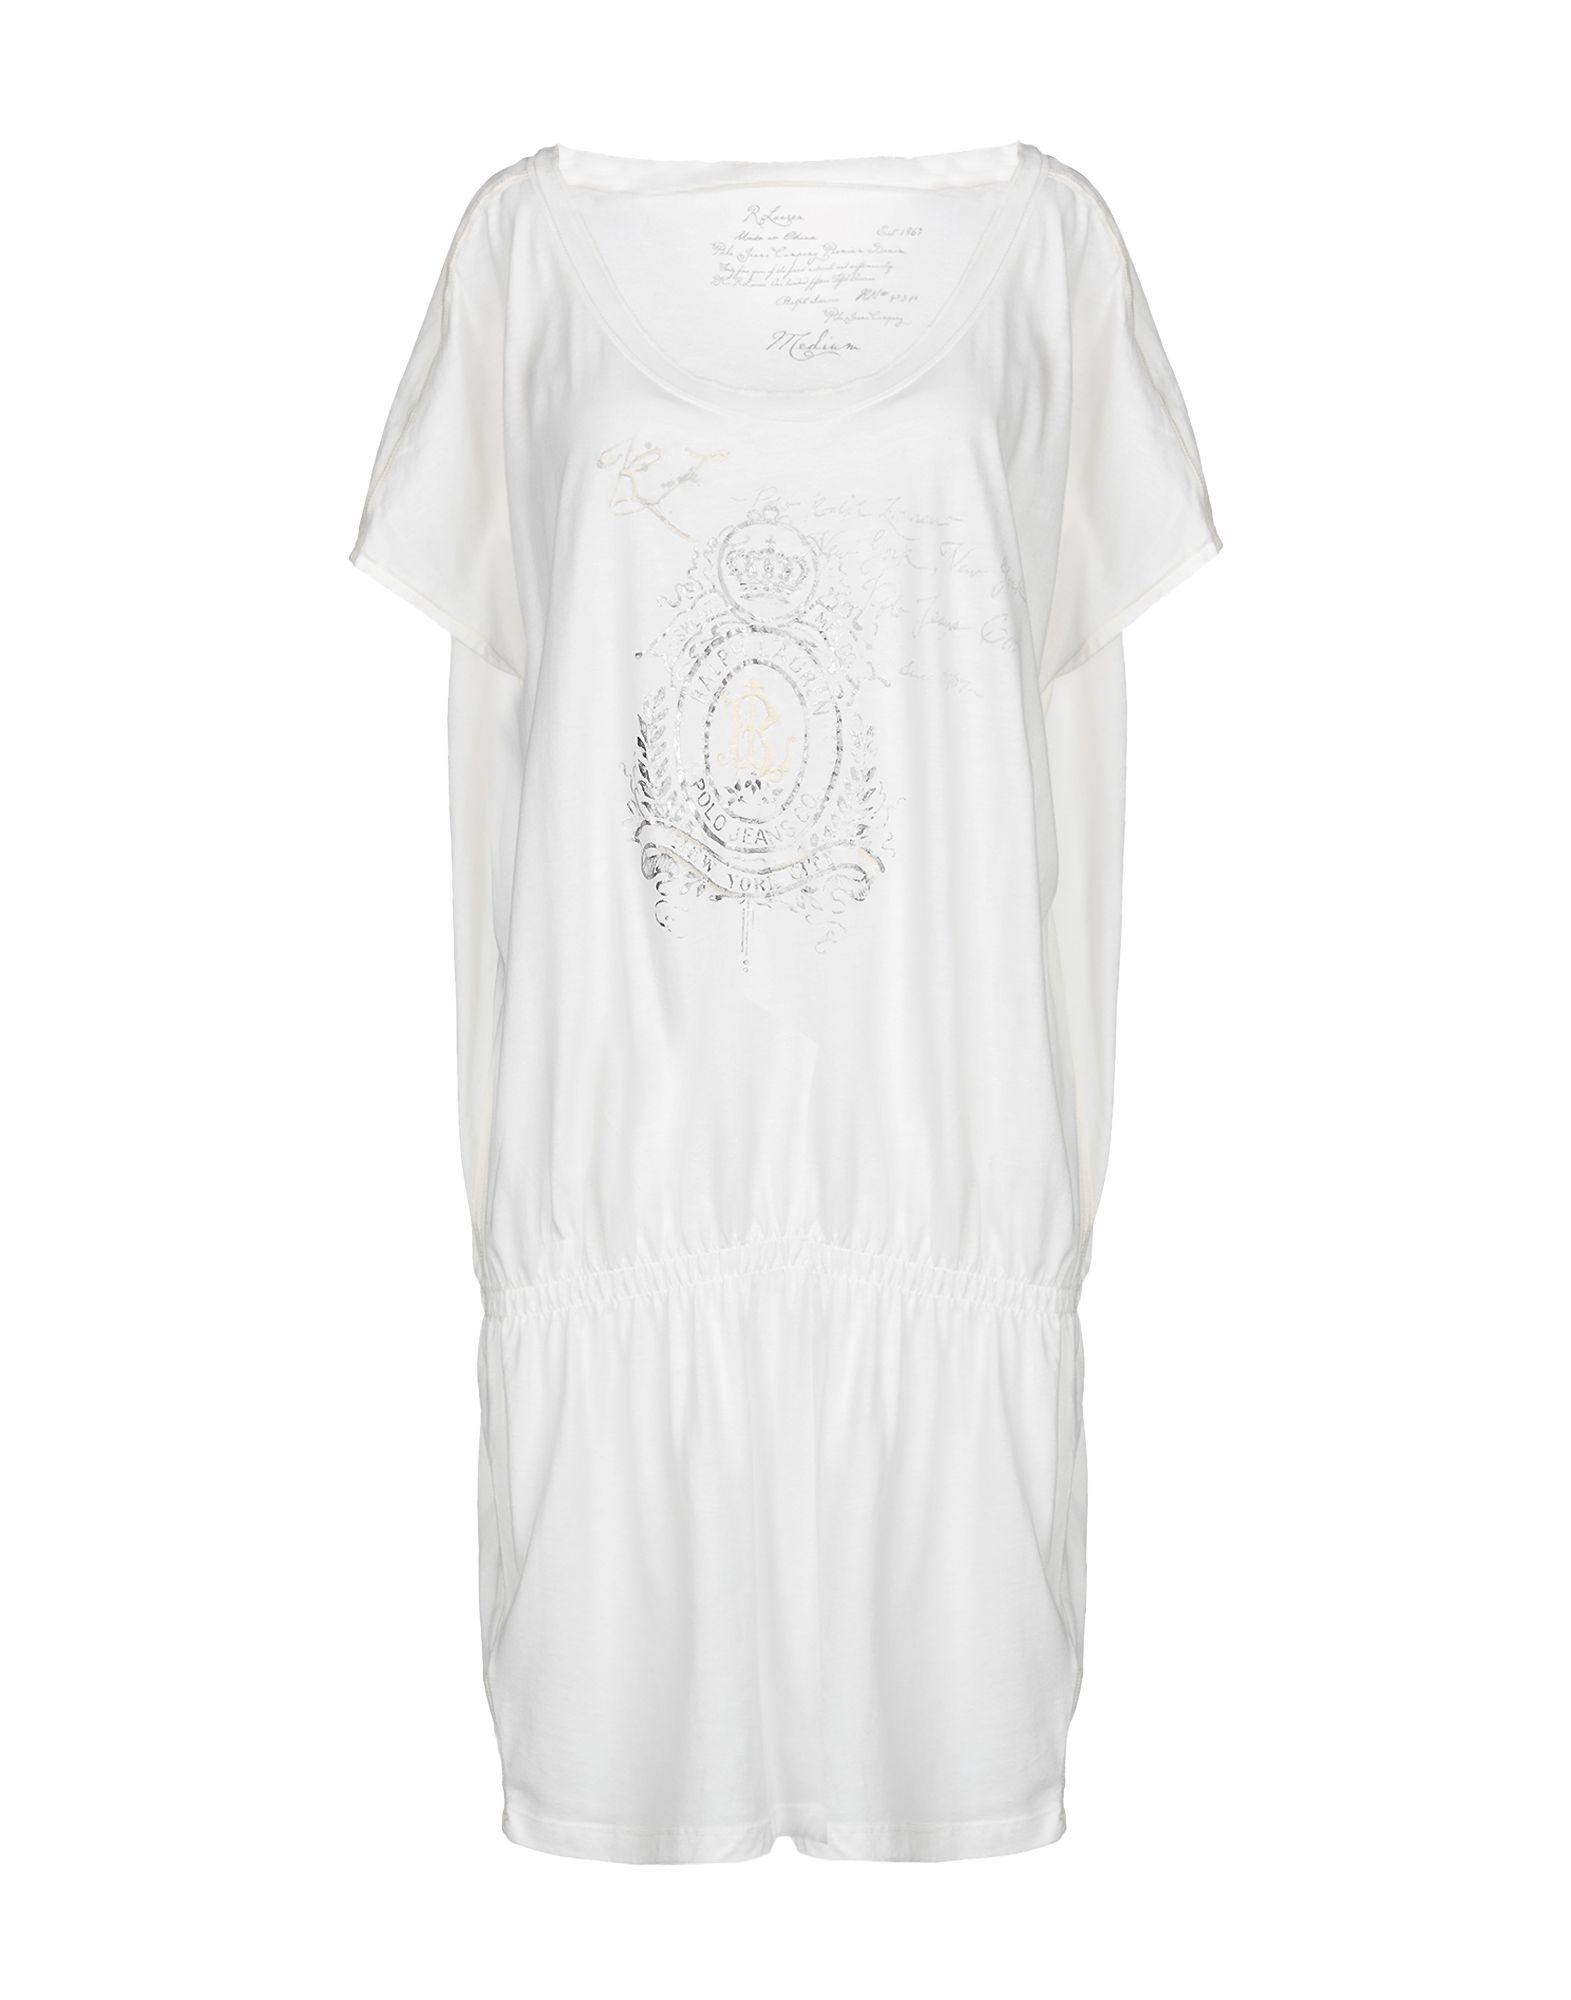 POLO JEANS COMPANY Короткое платье цена